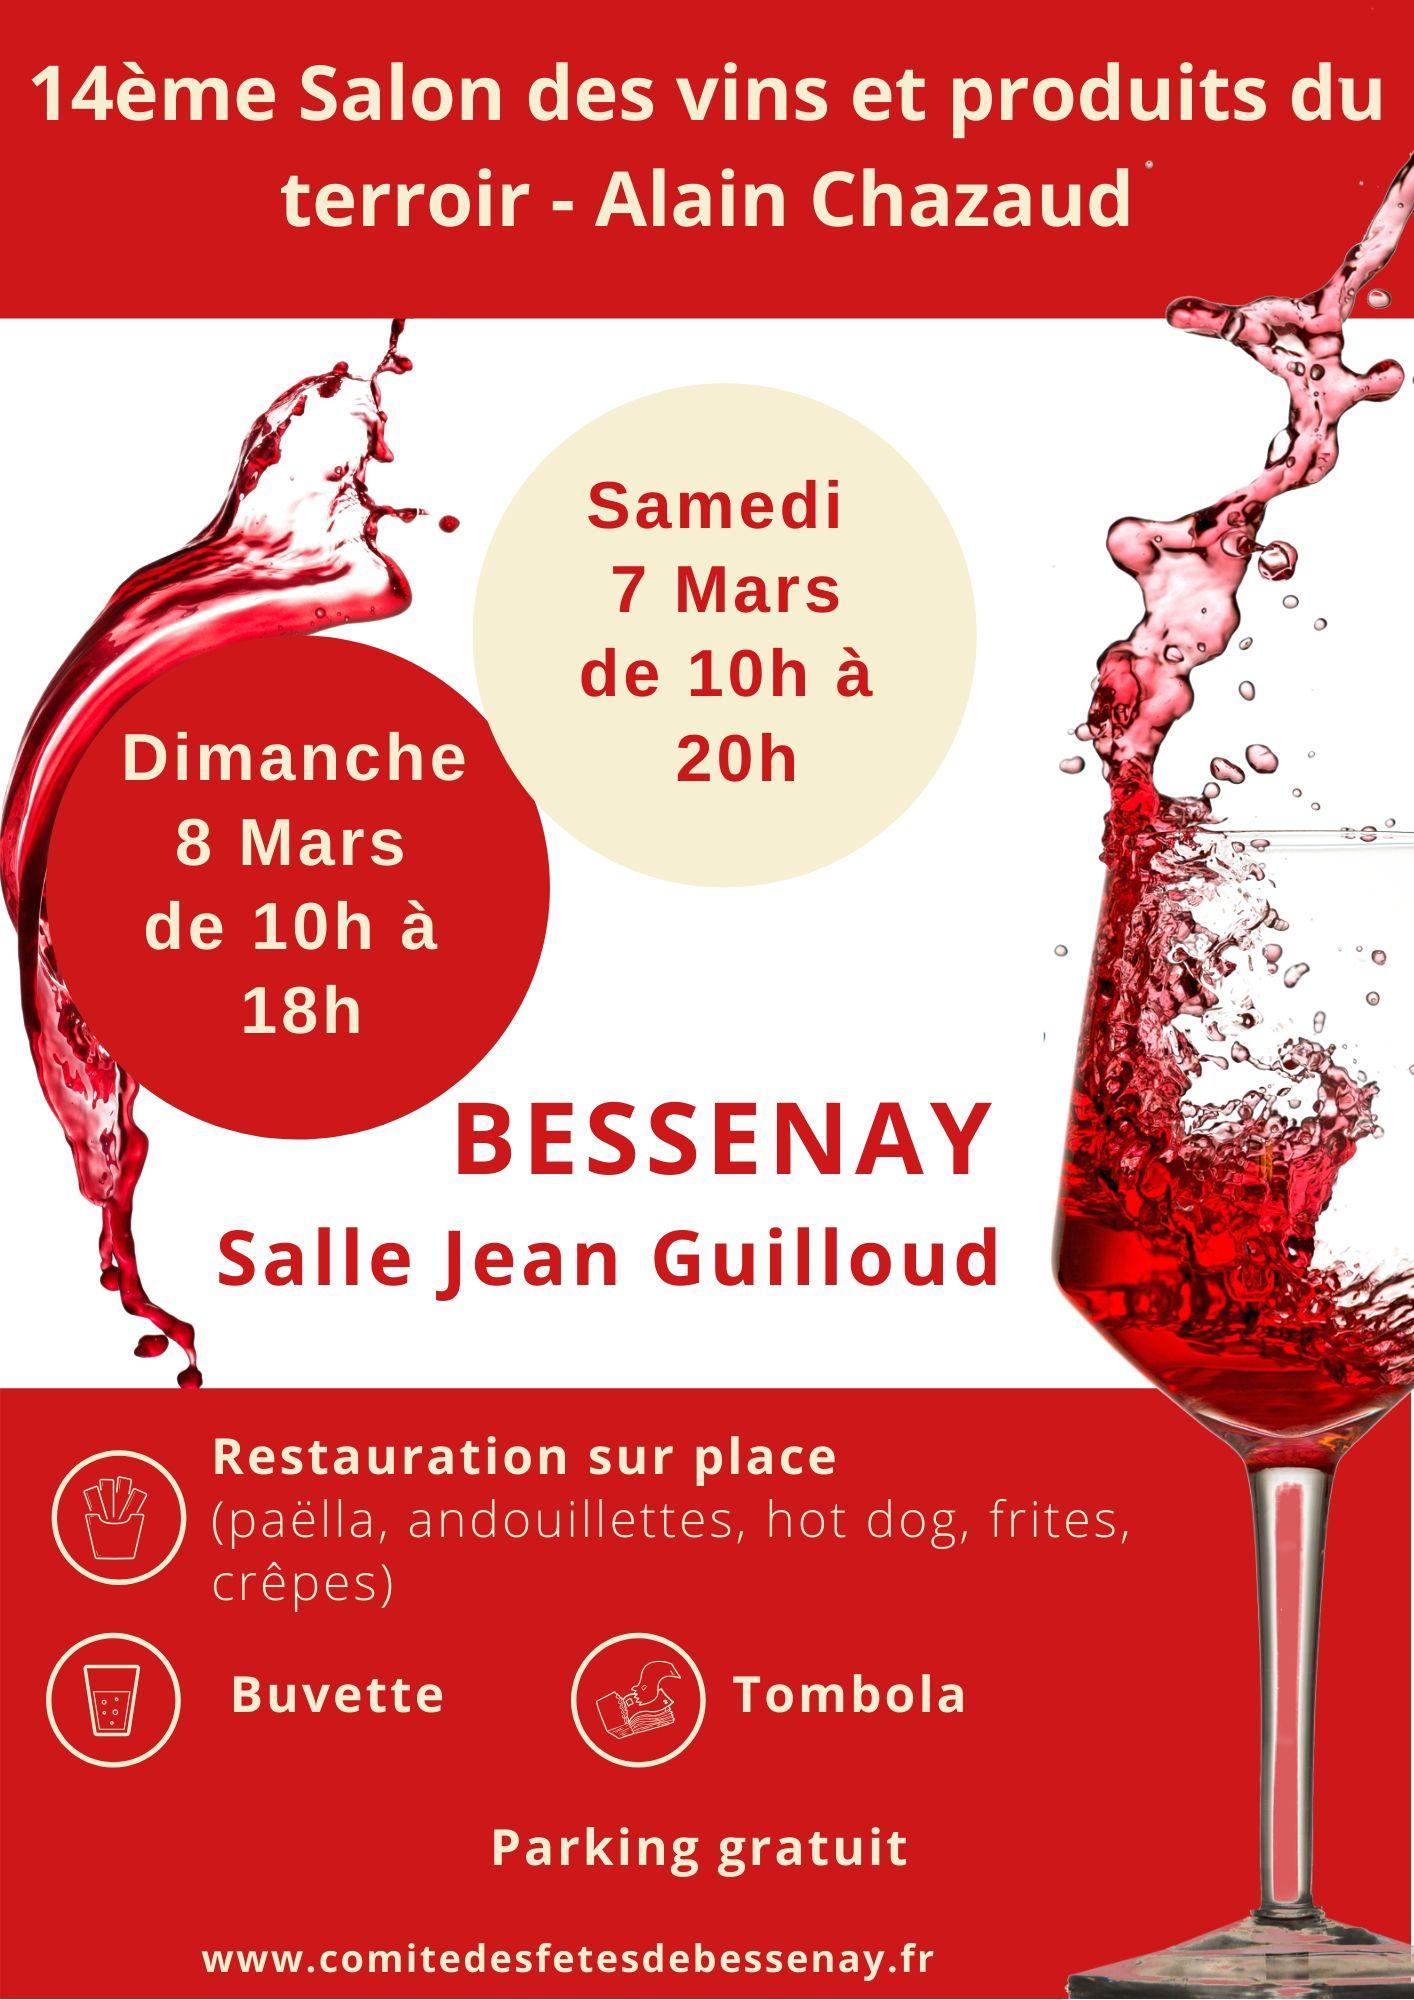 Calendrier Salon Des Vins 2021 SALON DES VINS   6 ET 7 MARS 2021   Comité des Fêtes de Bessenay